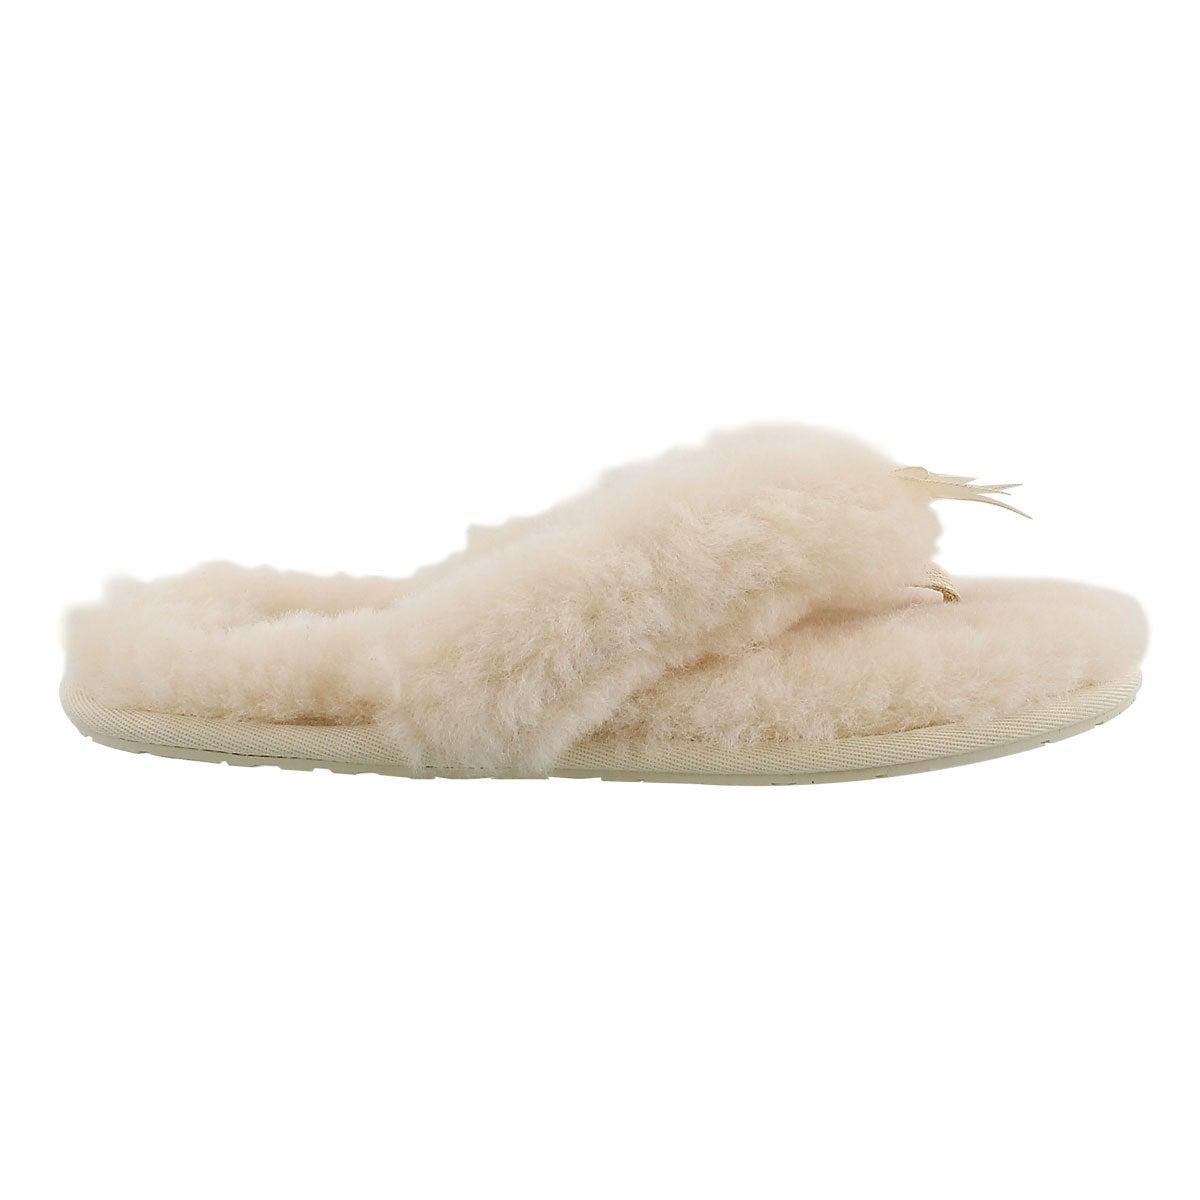 9af86c8c4de Ugg Sheepskin Thong Slippers